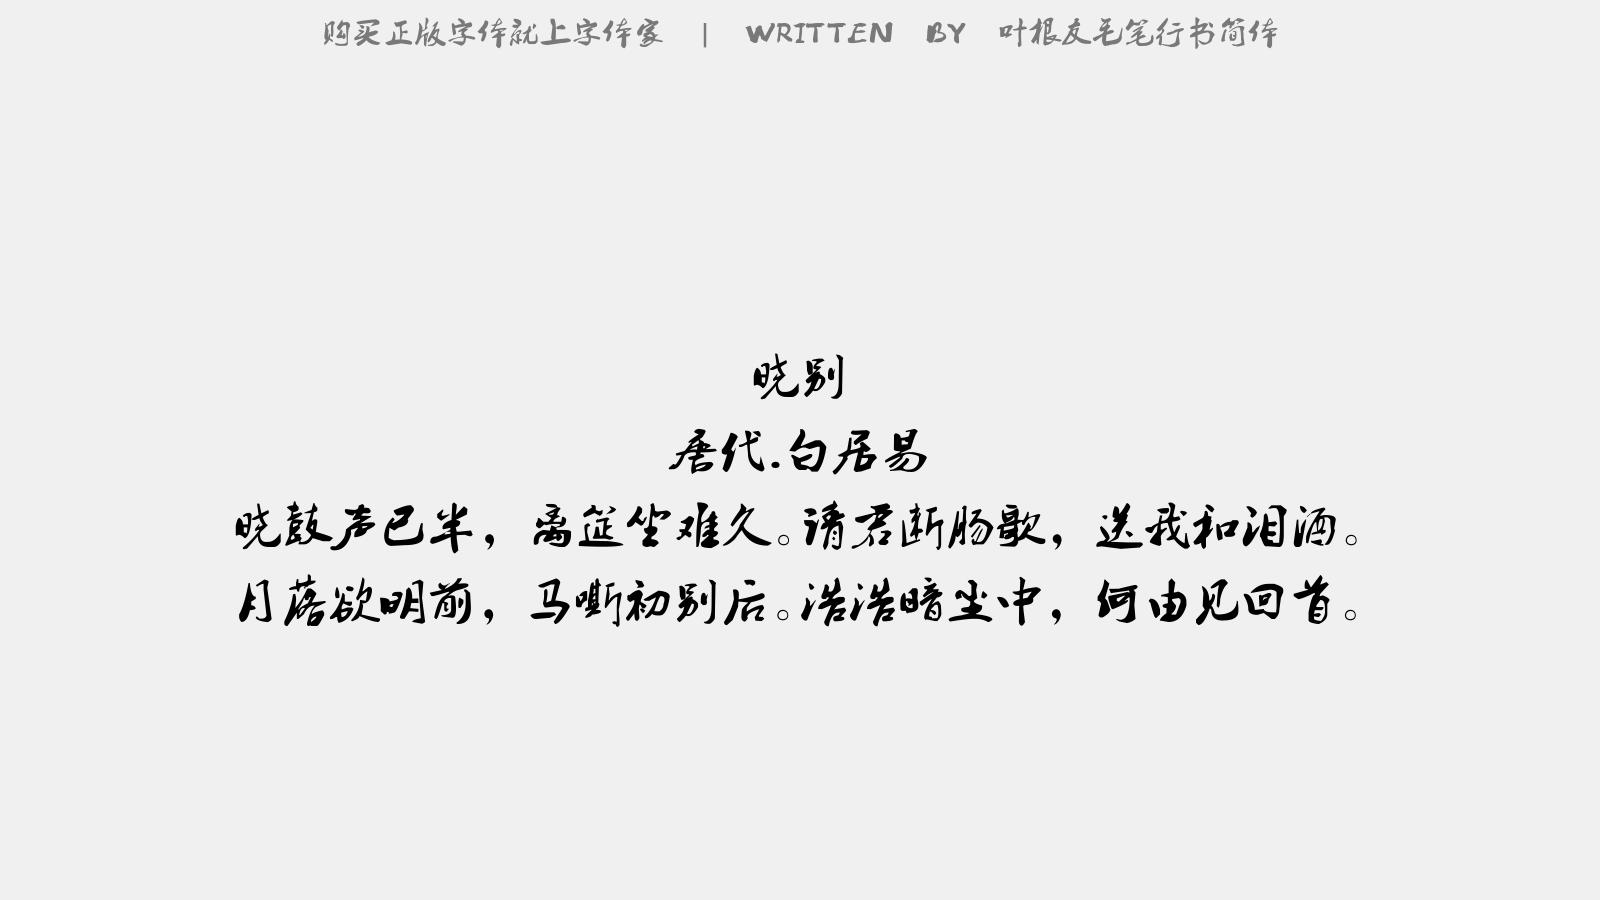 葉根友毛筆行書簡體 - 菁菁者莪